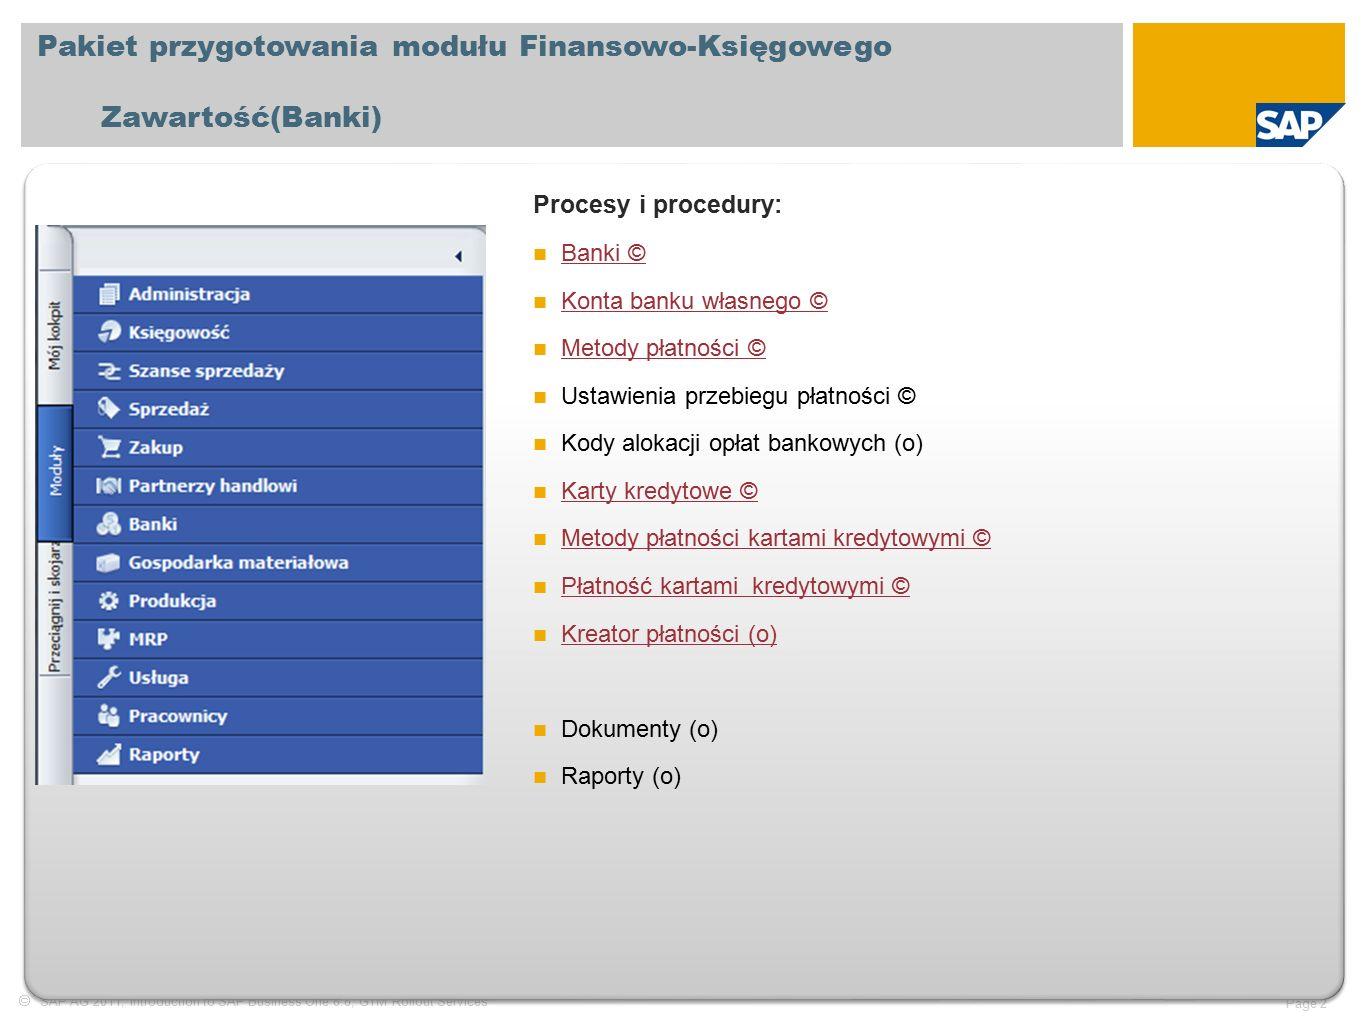  SAP AG 2011, Introduction to SAP Business One 8.8, GTM Rollout Services Page 2 Pakiet przygotowania modułu Finansowo-Księgowego Zawartość(Banki) Procesy i procedury: Banki © Banki © Konta banku własnego © Konta banku własnego © Metody płatności © Metody płatności © Ustawienia przebiegu płatności © Kody alokacji opłat bankowych (o) Karty kredytowe © Karty kredytowe © Metody płatności kartami kredytowymi © Metody płatności kartami kredytowymi © Płatność kartami kredytowymi © Płatność kartami kredytowymi © Kreator płatności (o) Dokumenty (o) Raporty (o)